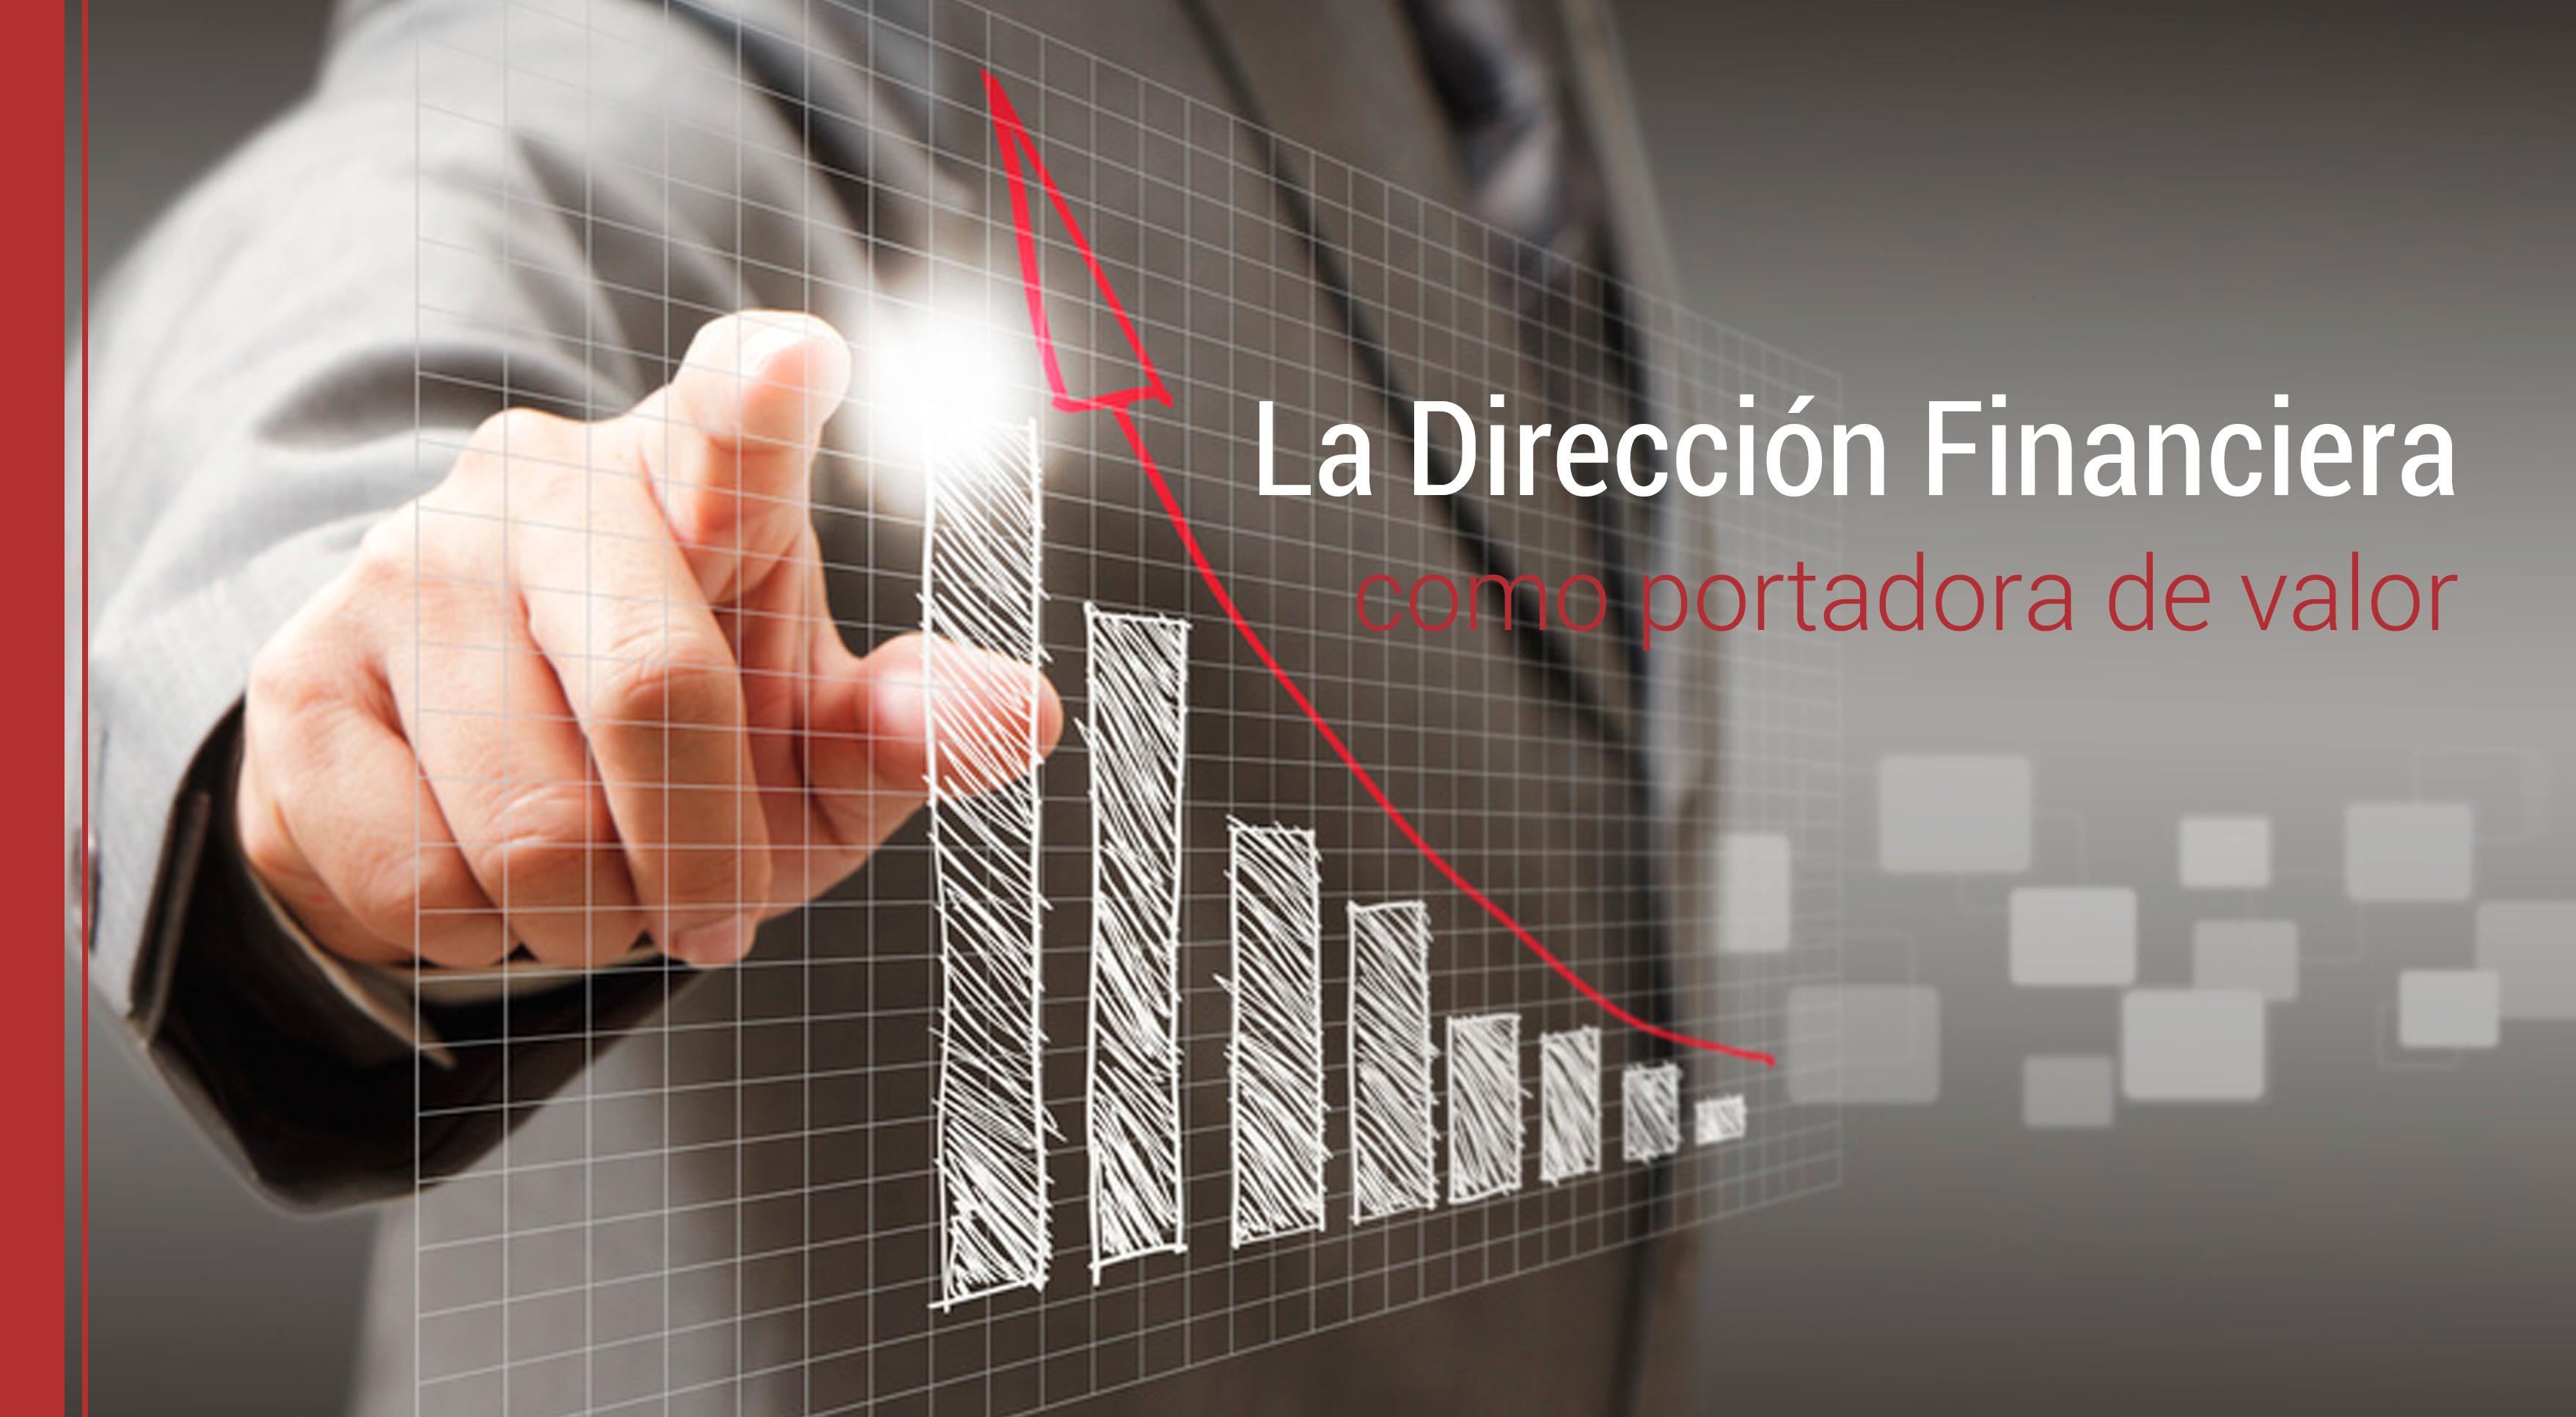 la direccion financiera como portadora de valor